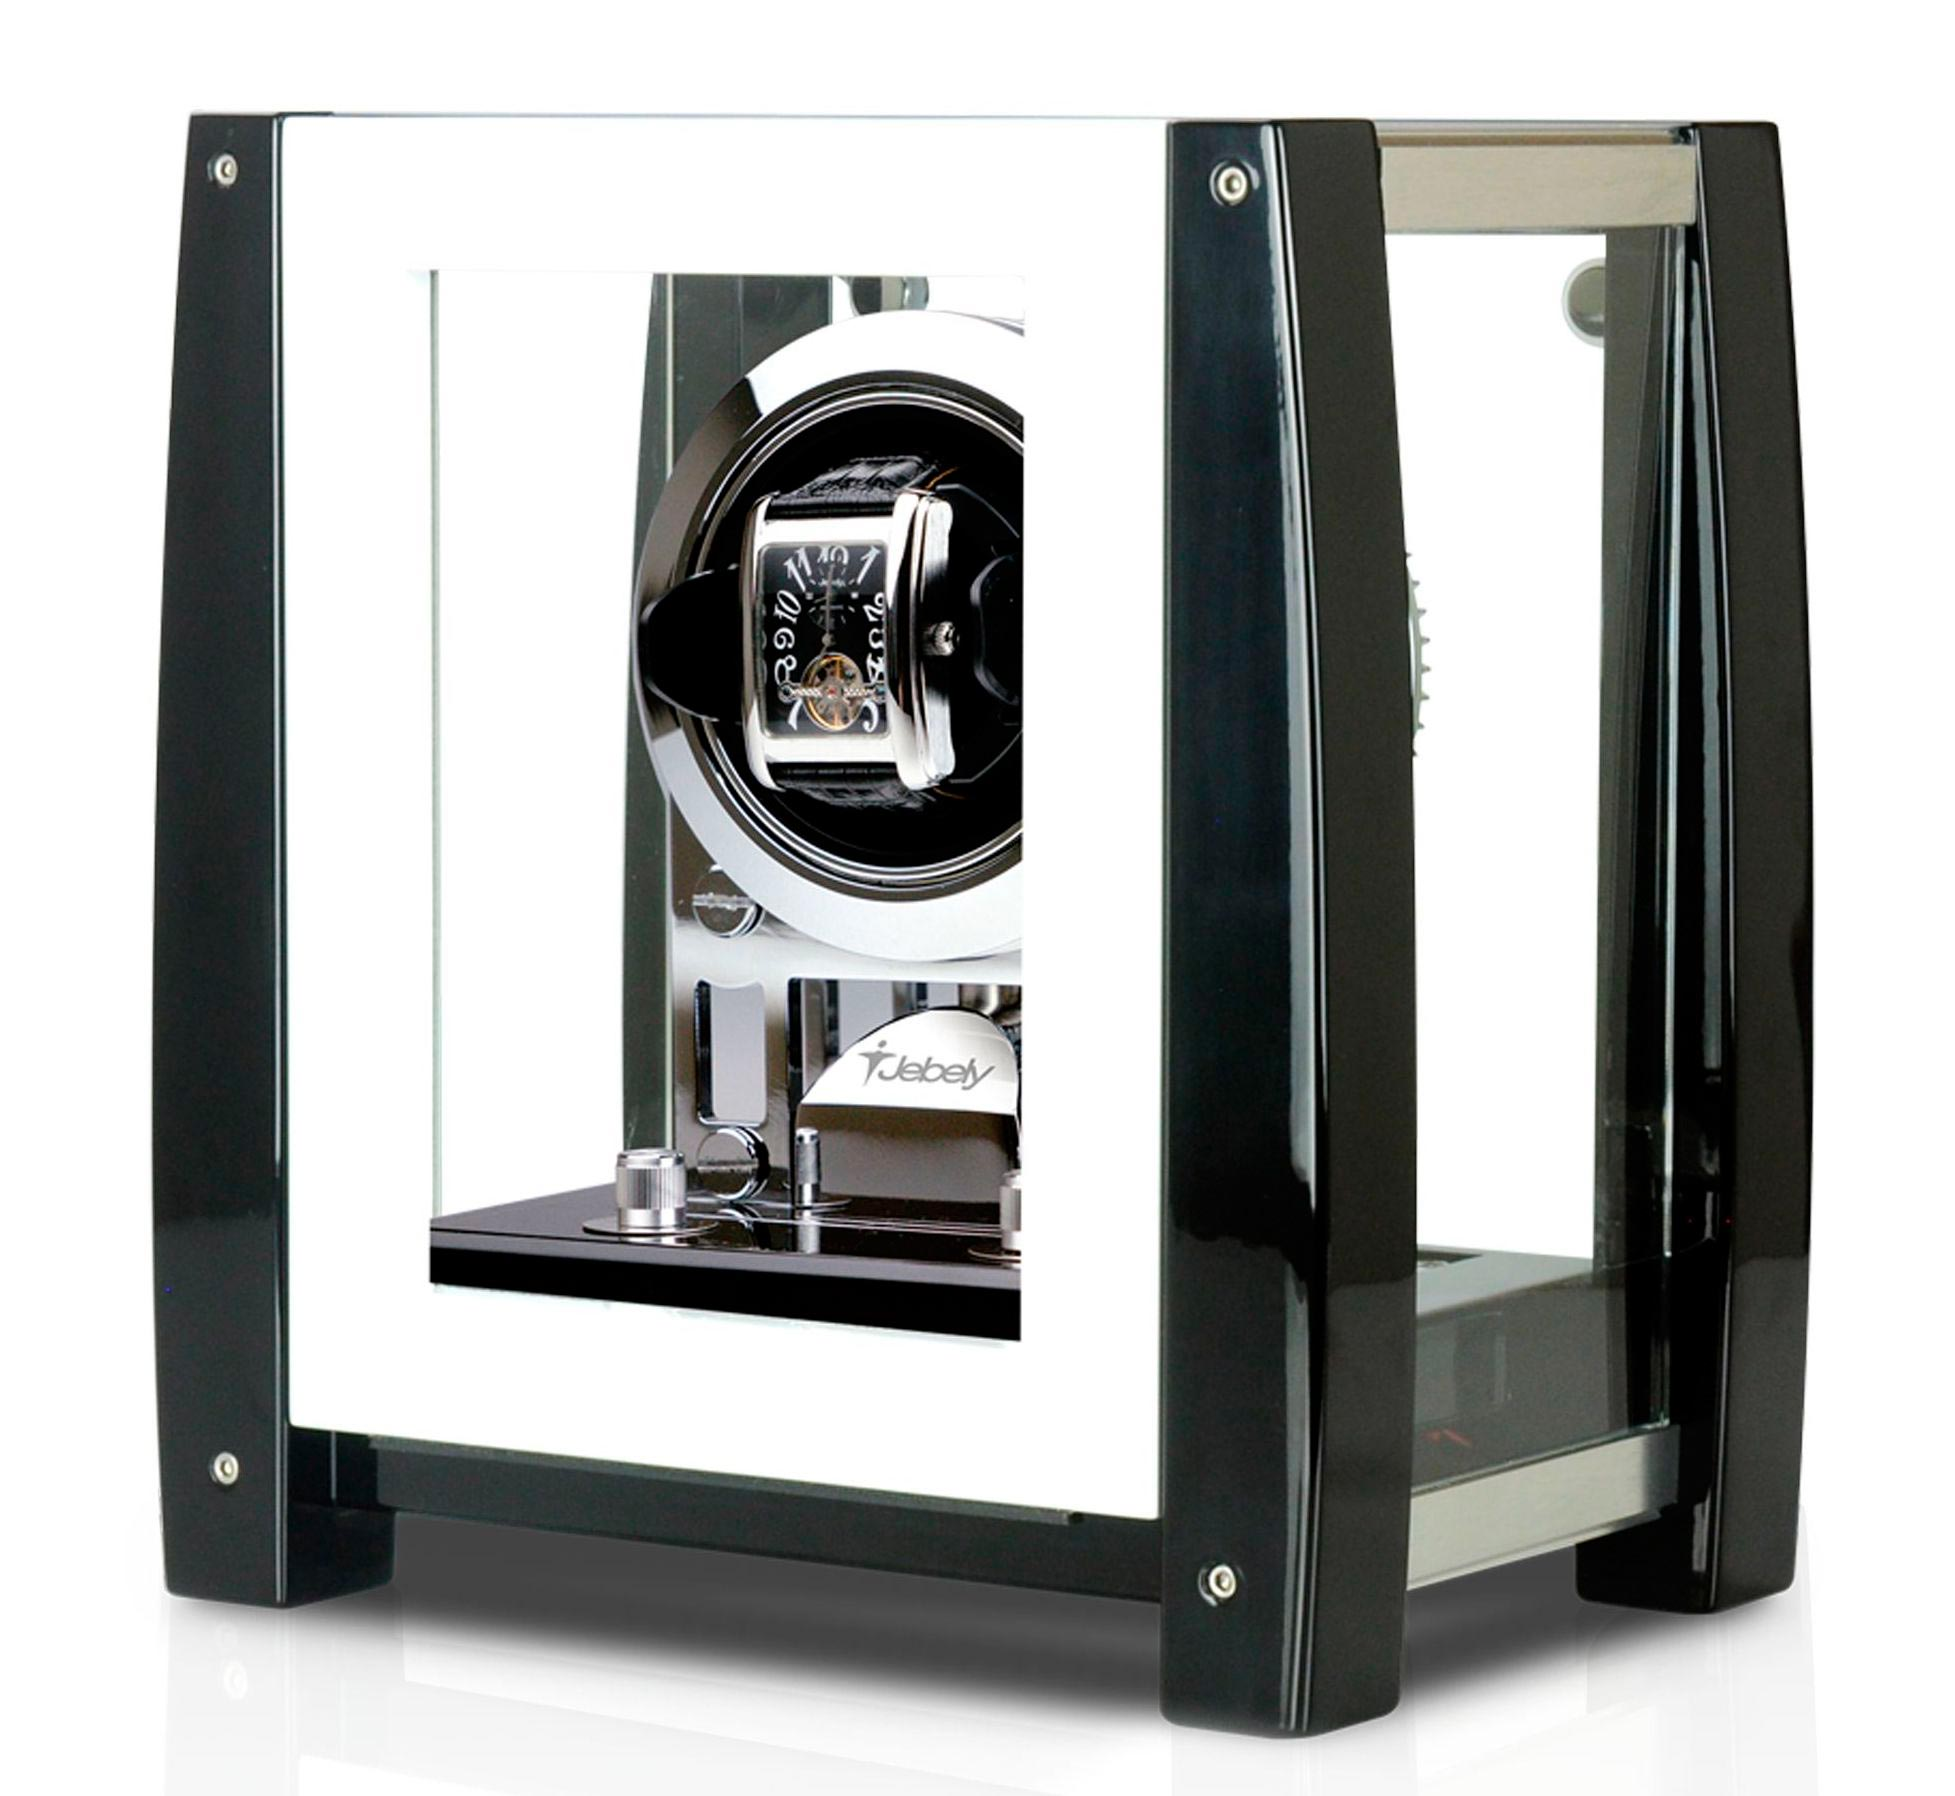 Jebely JBW605 Шкатулка для часов Jebely с автоподзаводом в корпусе из натурального дерева. Имеет 6 программ и 4 режима вращения: